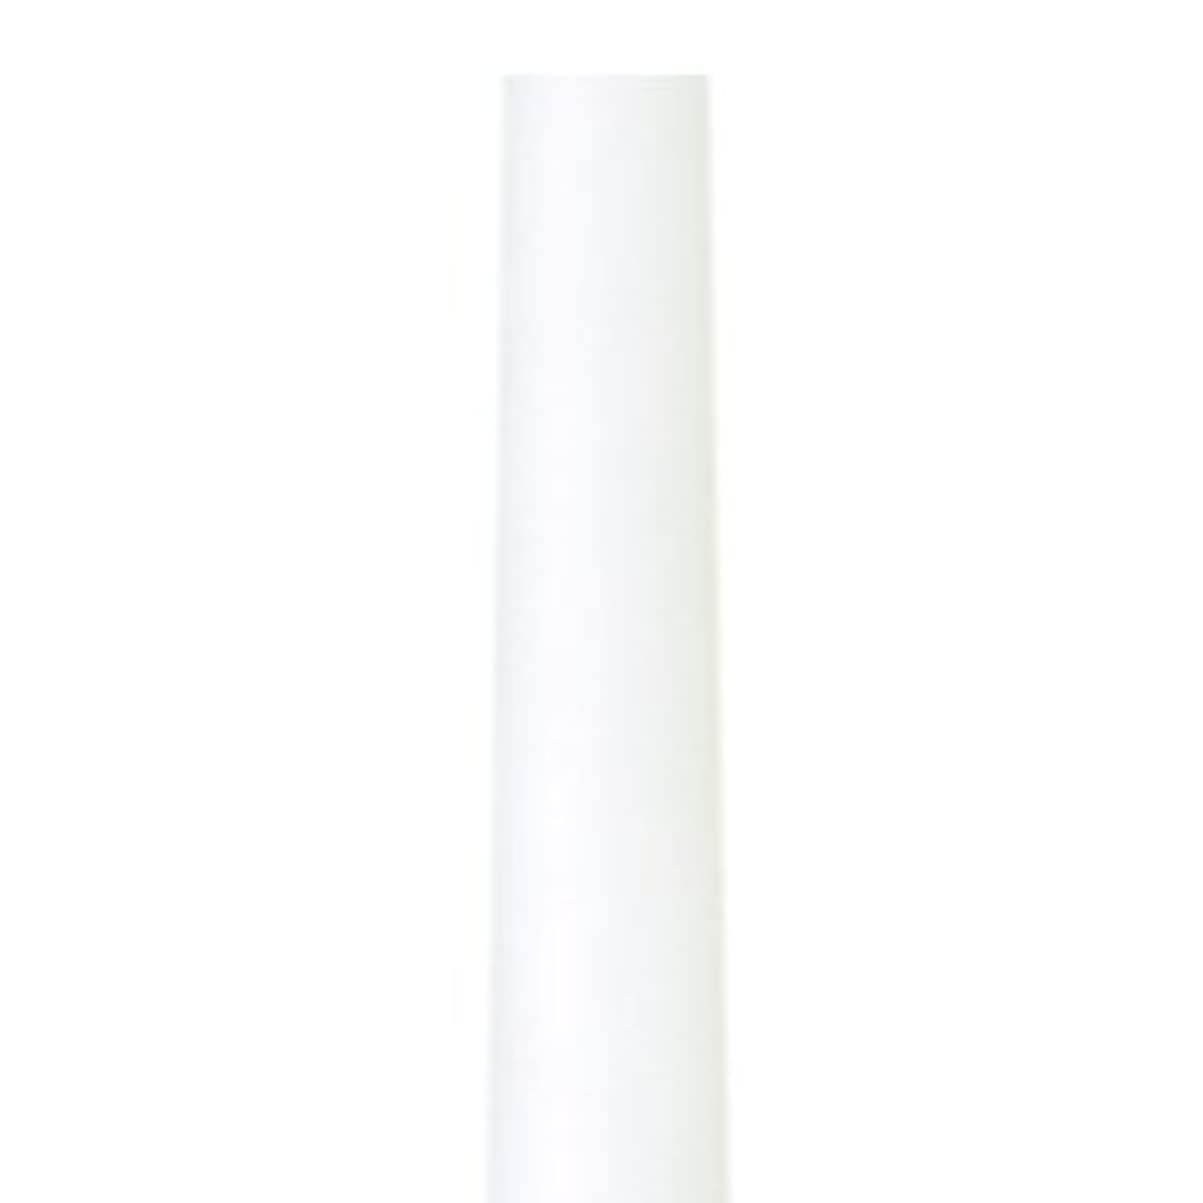 メアリアンジョーンズ肥沃なデコレーションテーパーキャンドル クラッシー ホワイト 蝋燭